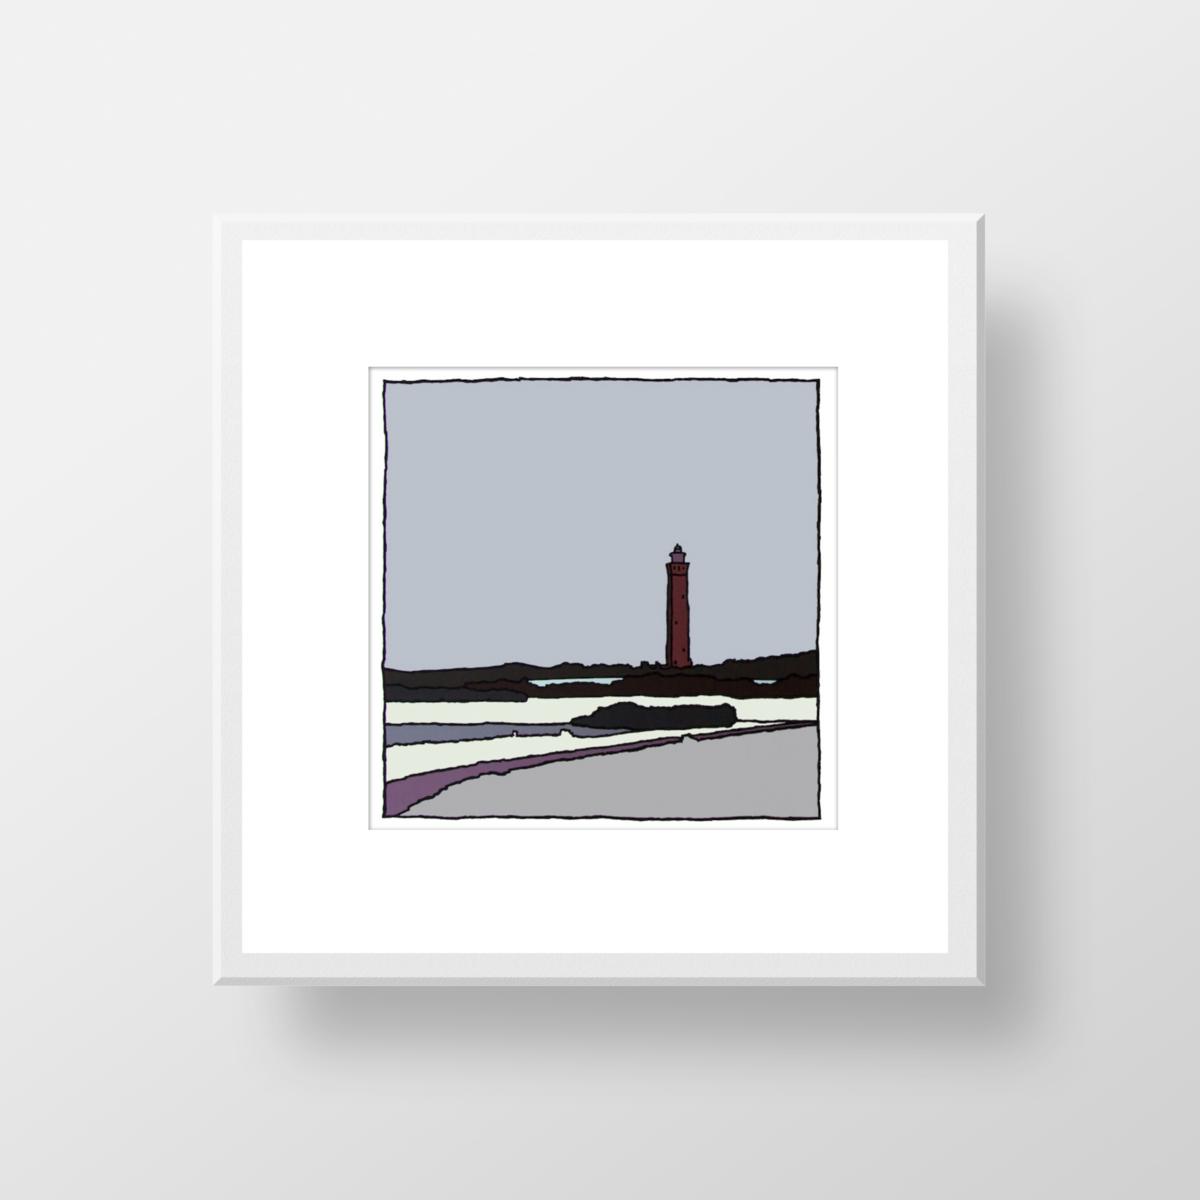 De vuurtoren van Ouddorp in de winter, een zeefdruk in lijst gemaakt door kunstenaar Wim van Willegen.